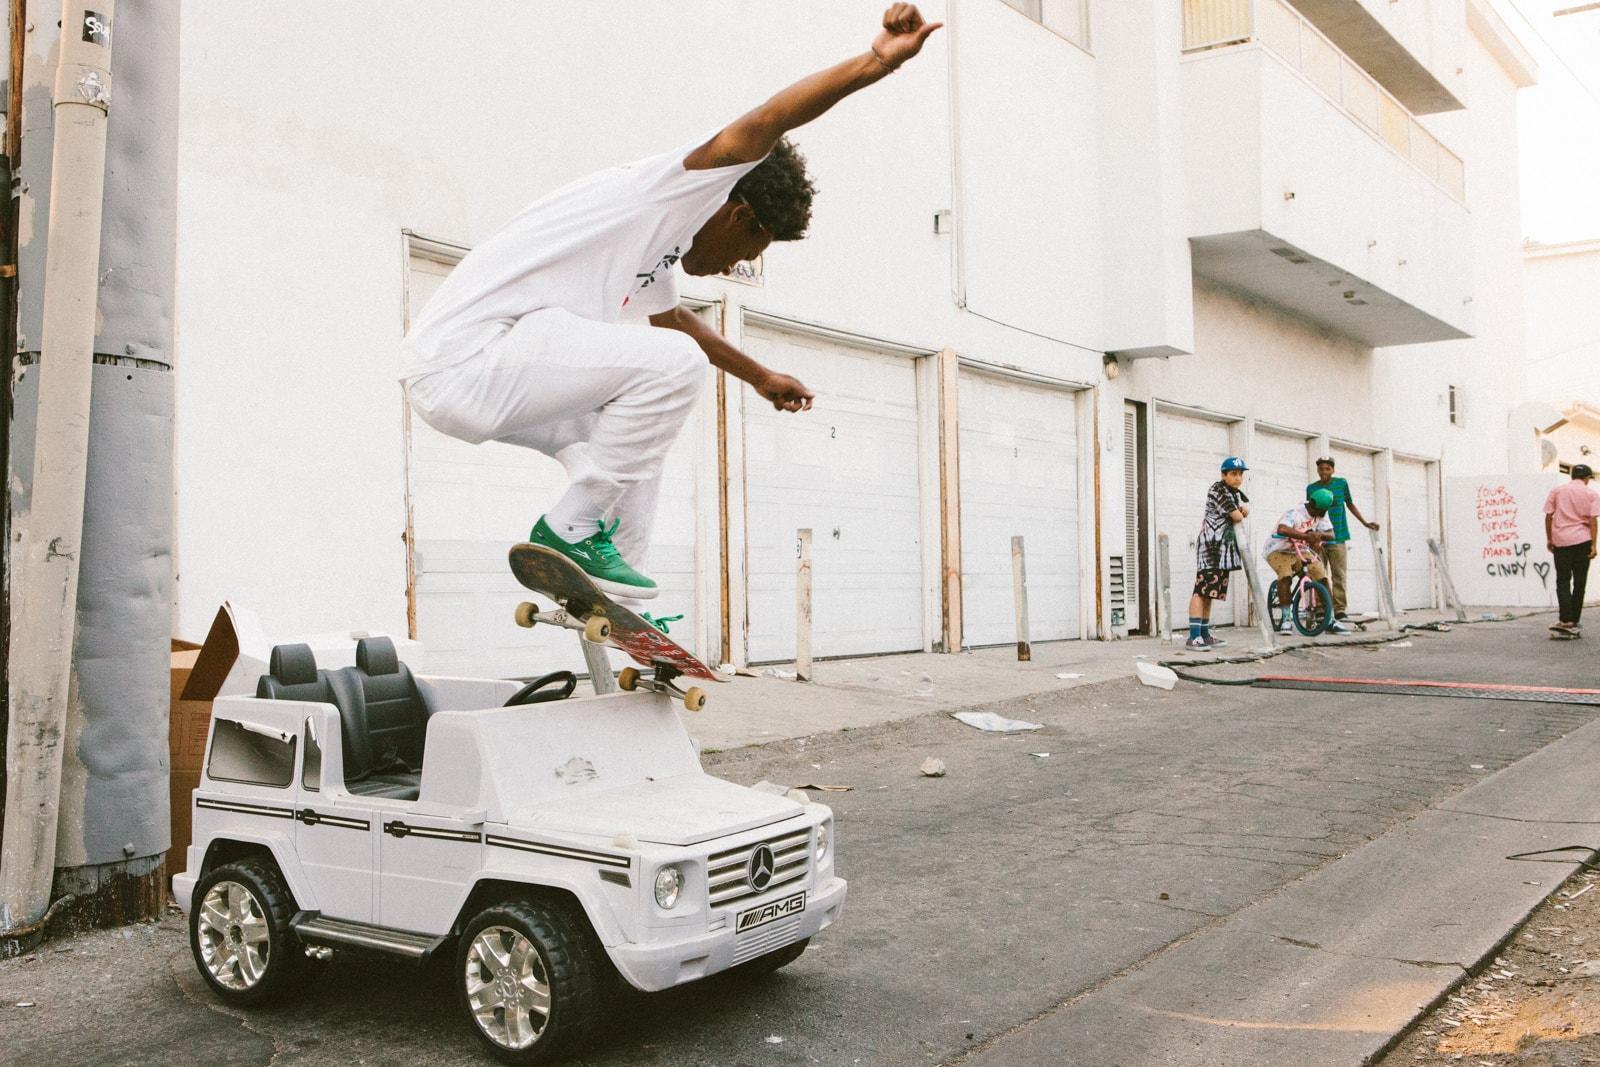 社交媒体给街头摄影师带来的机遇与挑战?10 位街头摄影师分享心得